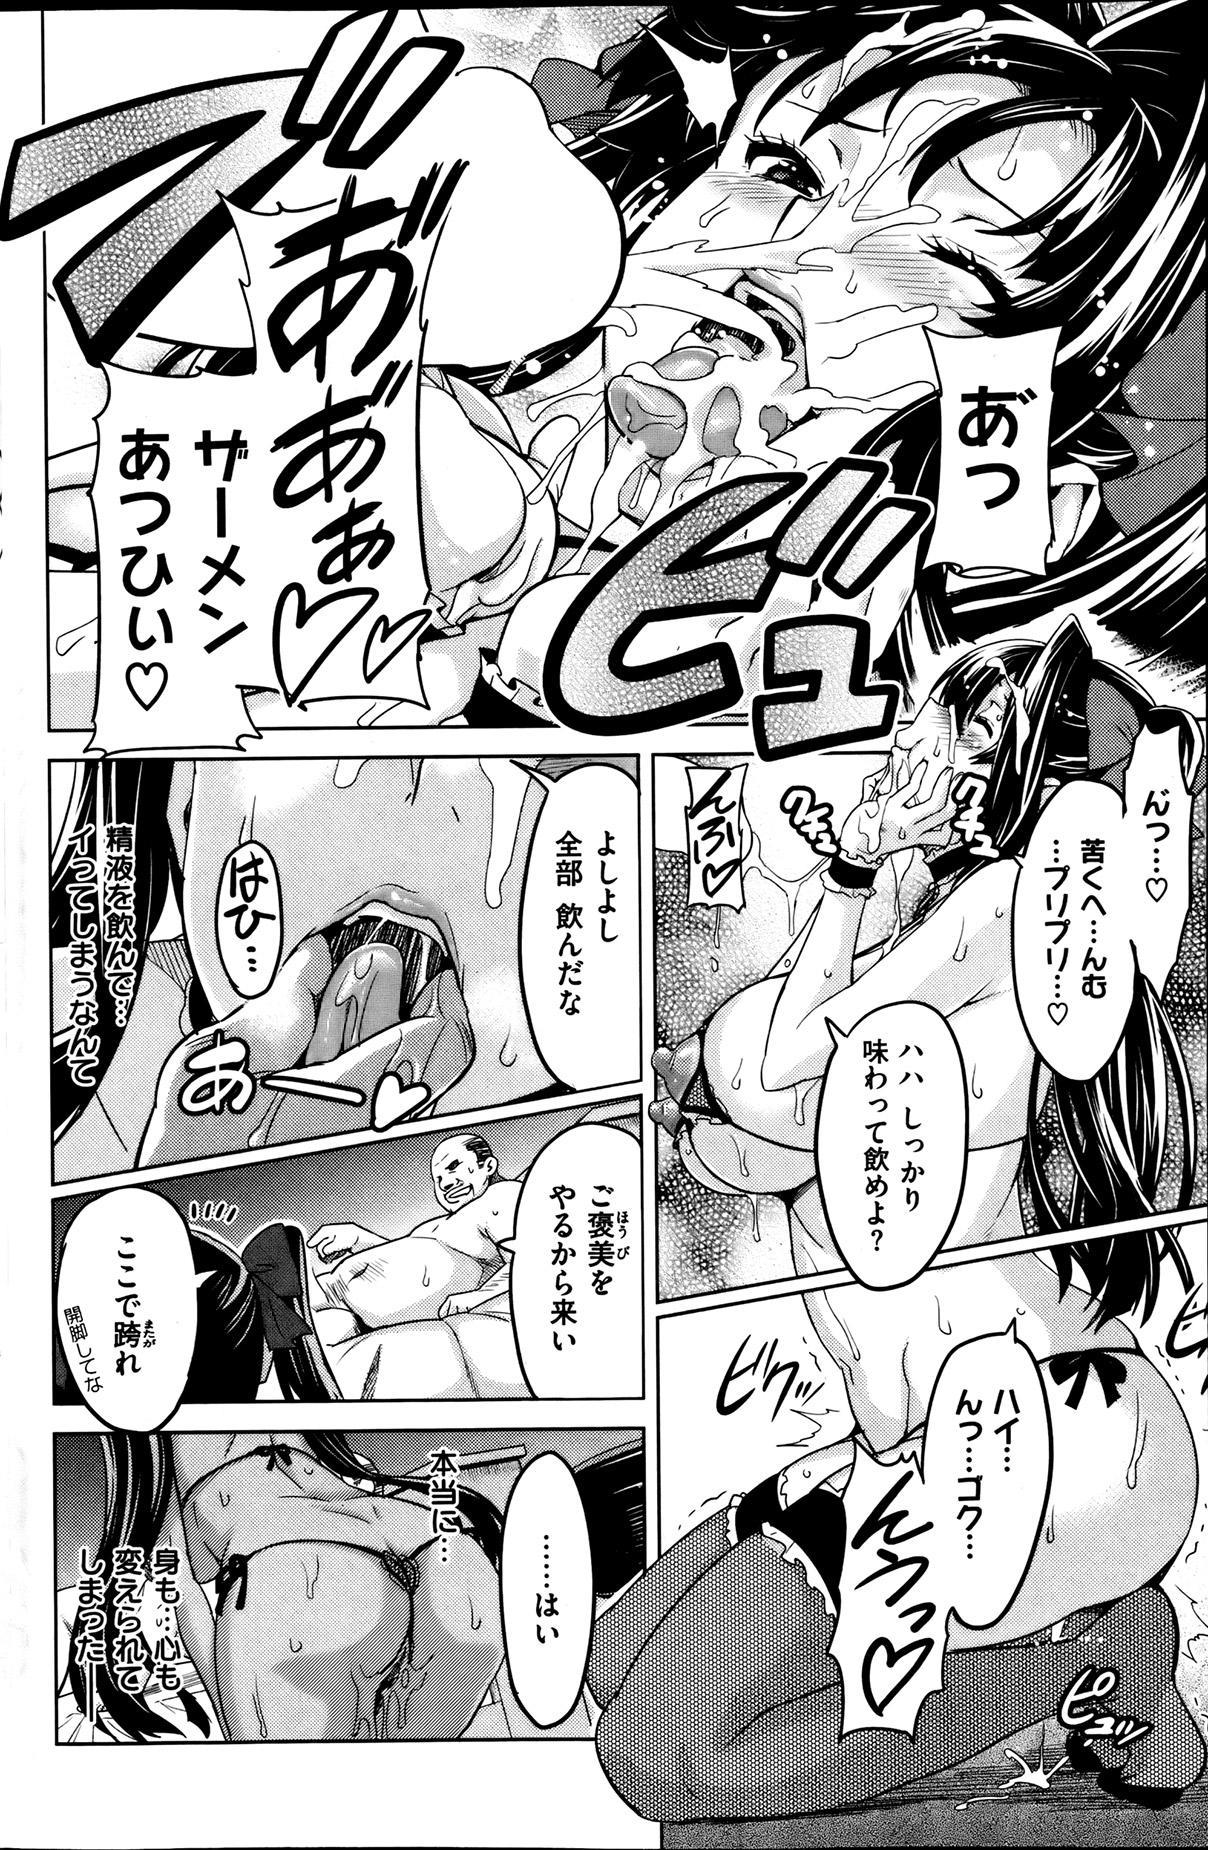 COMIC HANA-MAN 2013-08 Takeda Hiromitsu Tokushuu 125